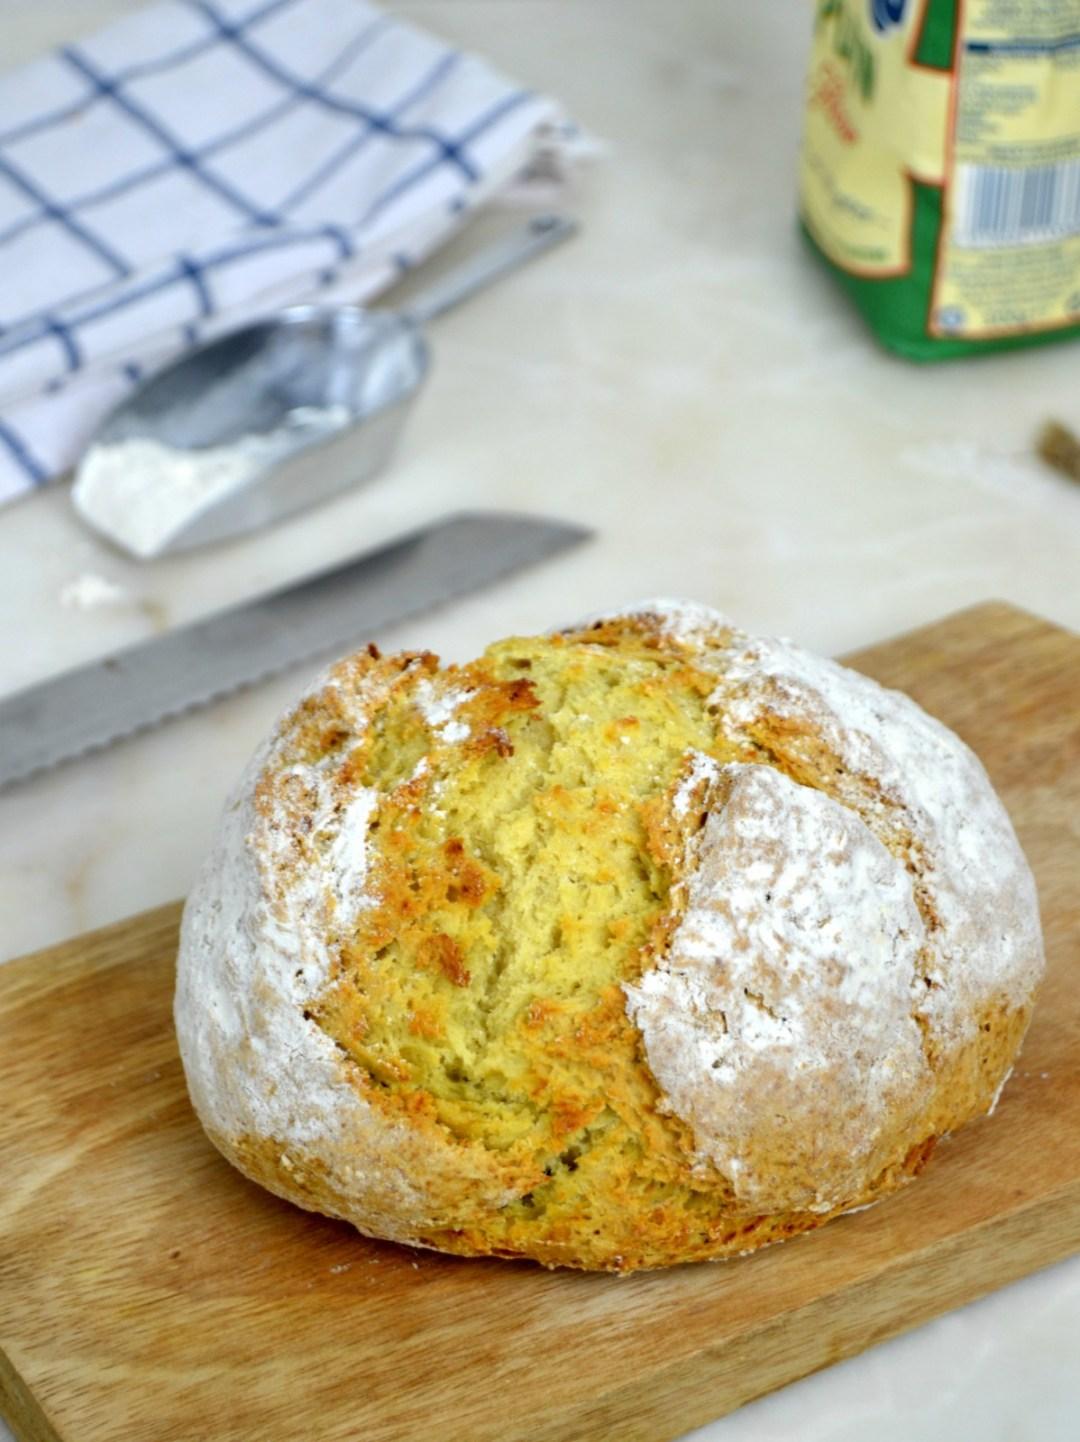 Pan de soda irlandés. Cómo hacer pan sin levadura